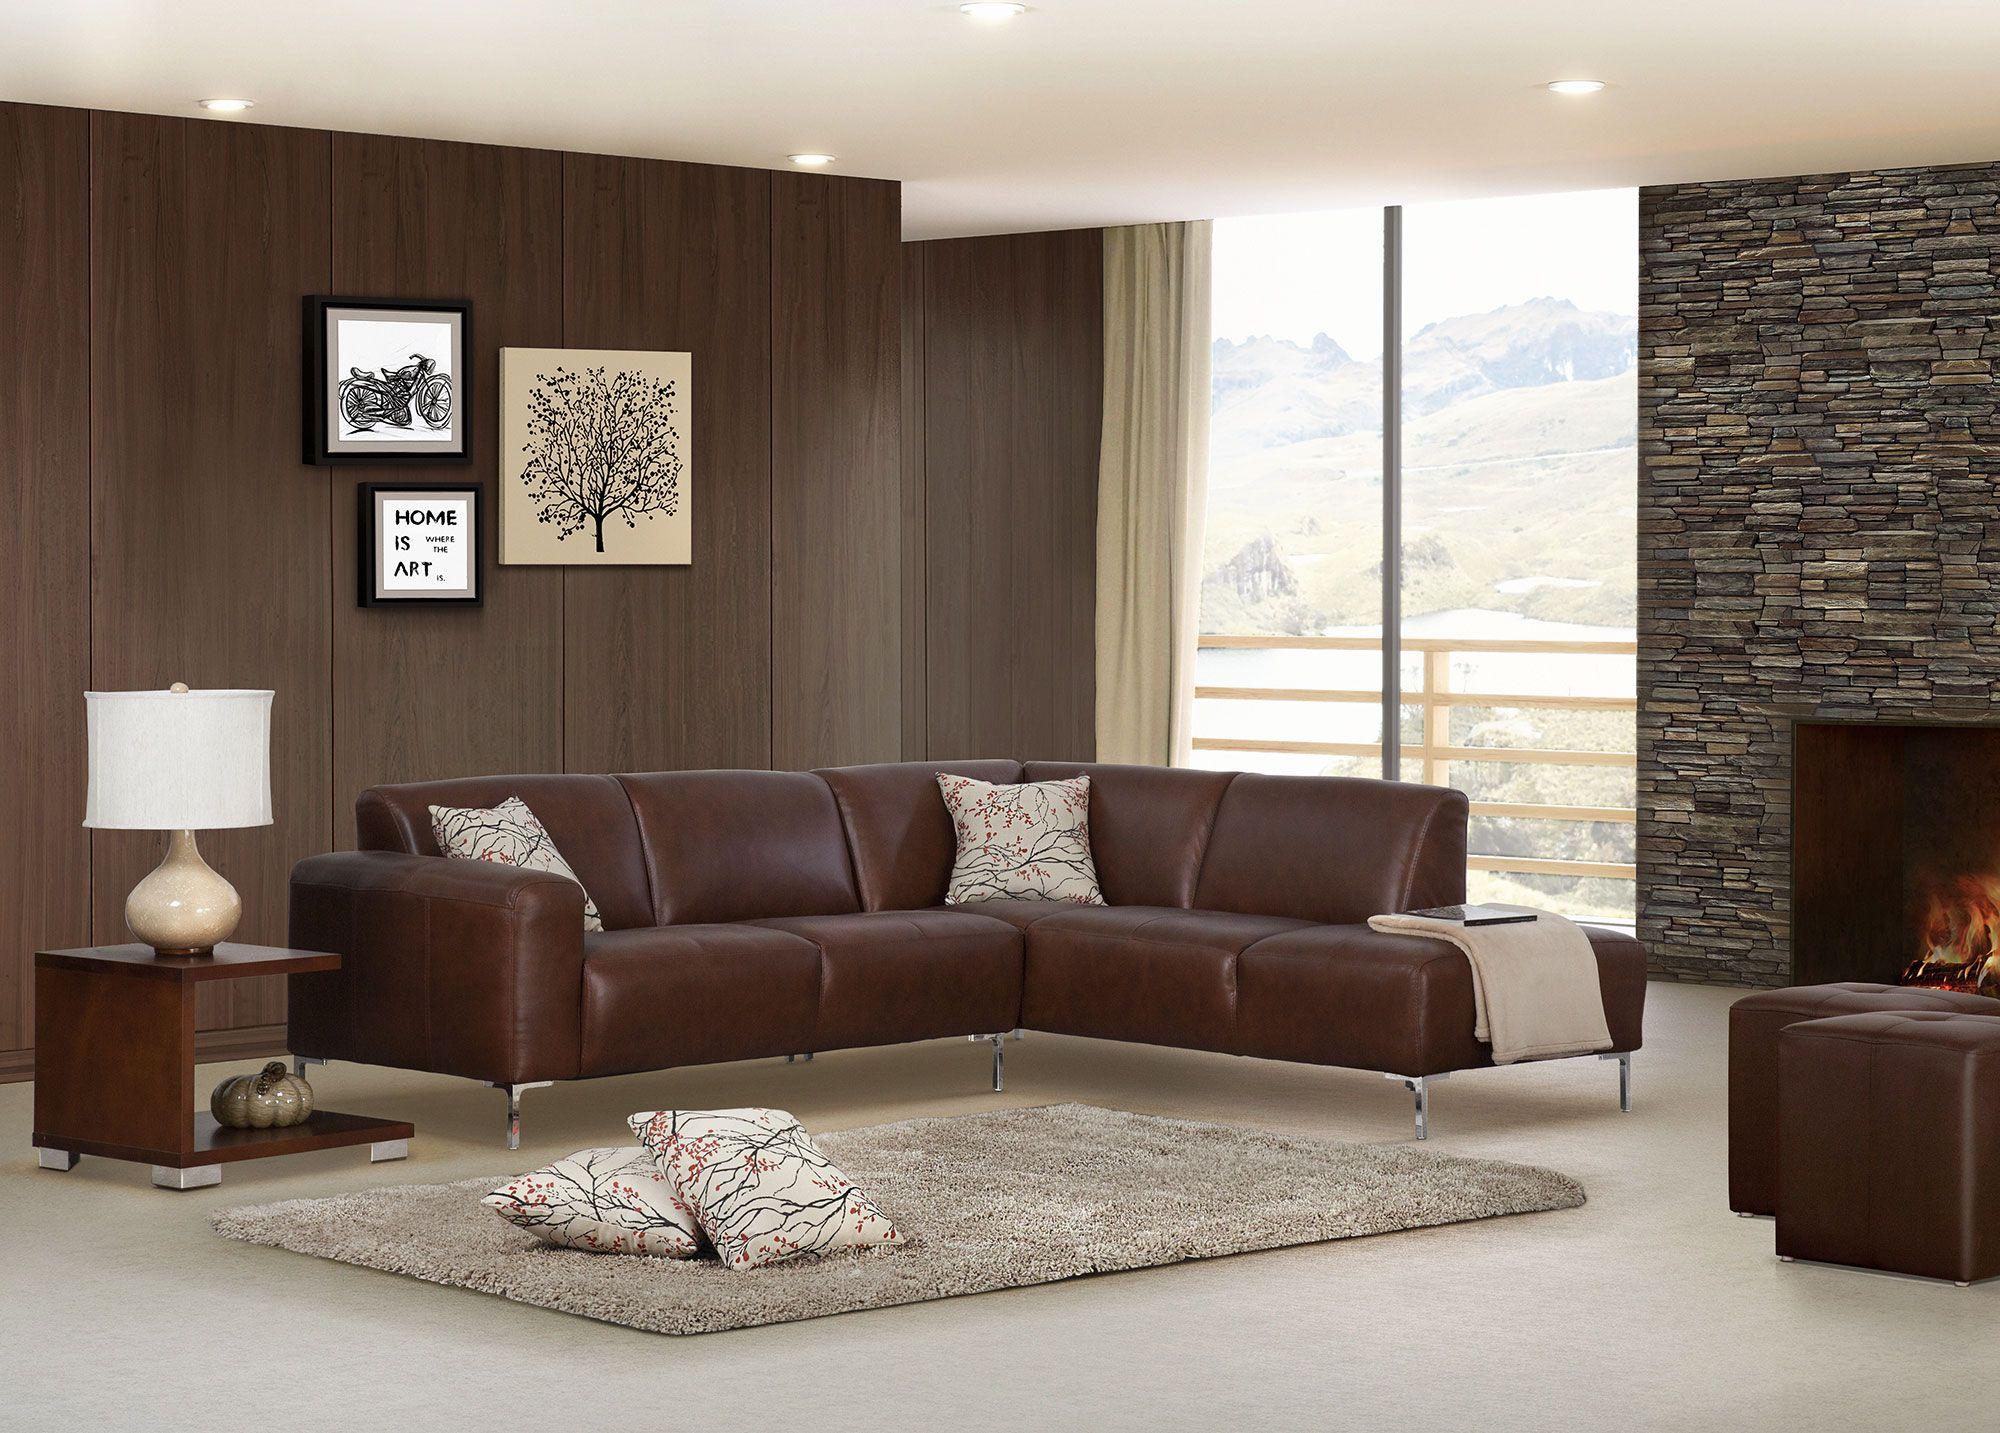 La sala vissia es ideal para espacios peque os disfruta Salas en l para espacios pequenos